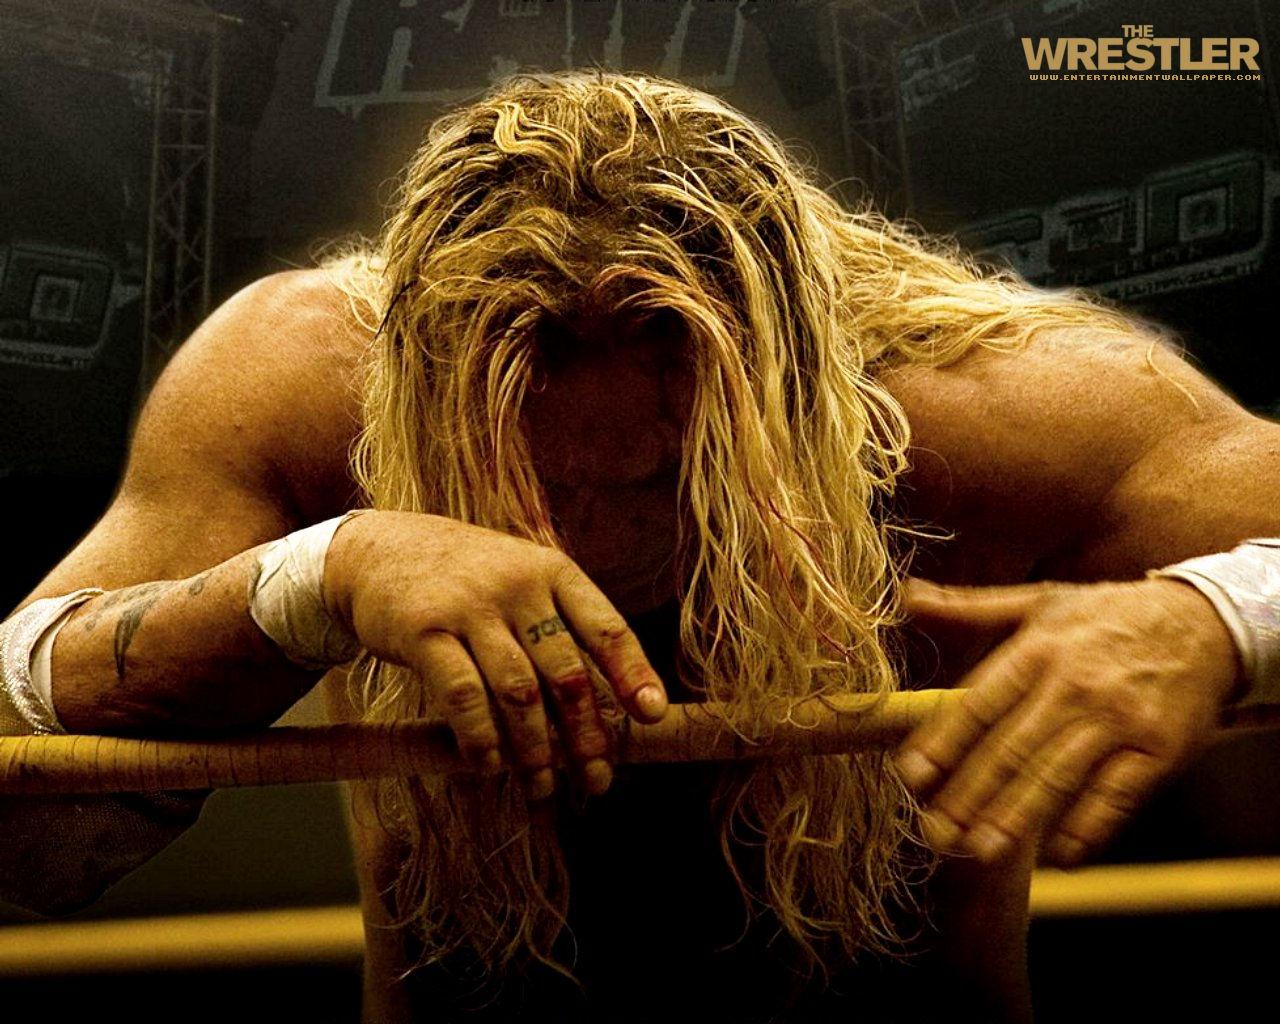 http://1.bp.blogspot.com/-dP869lgQ6-A/Te1EFsHSU6I/AAAAAAAAAPs/9ZZhbhT7IZU/s1600/the_wrestler01.jpg